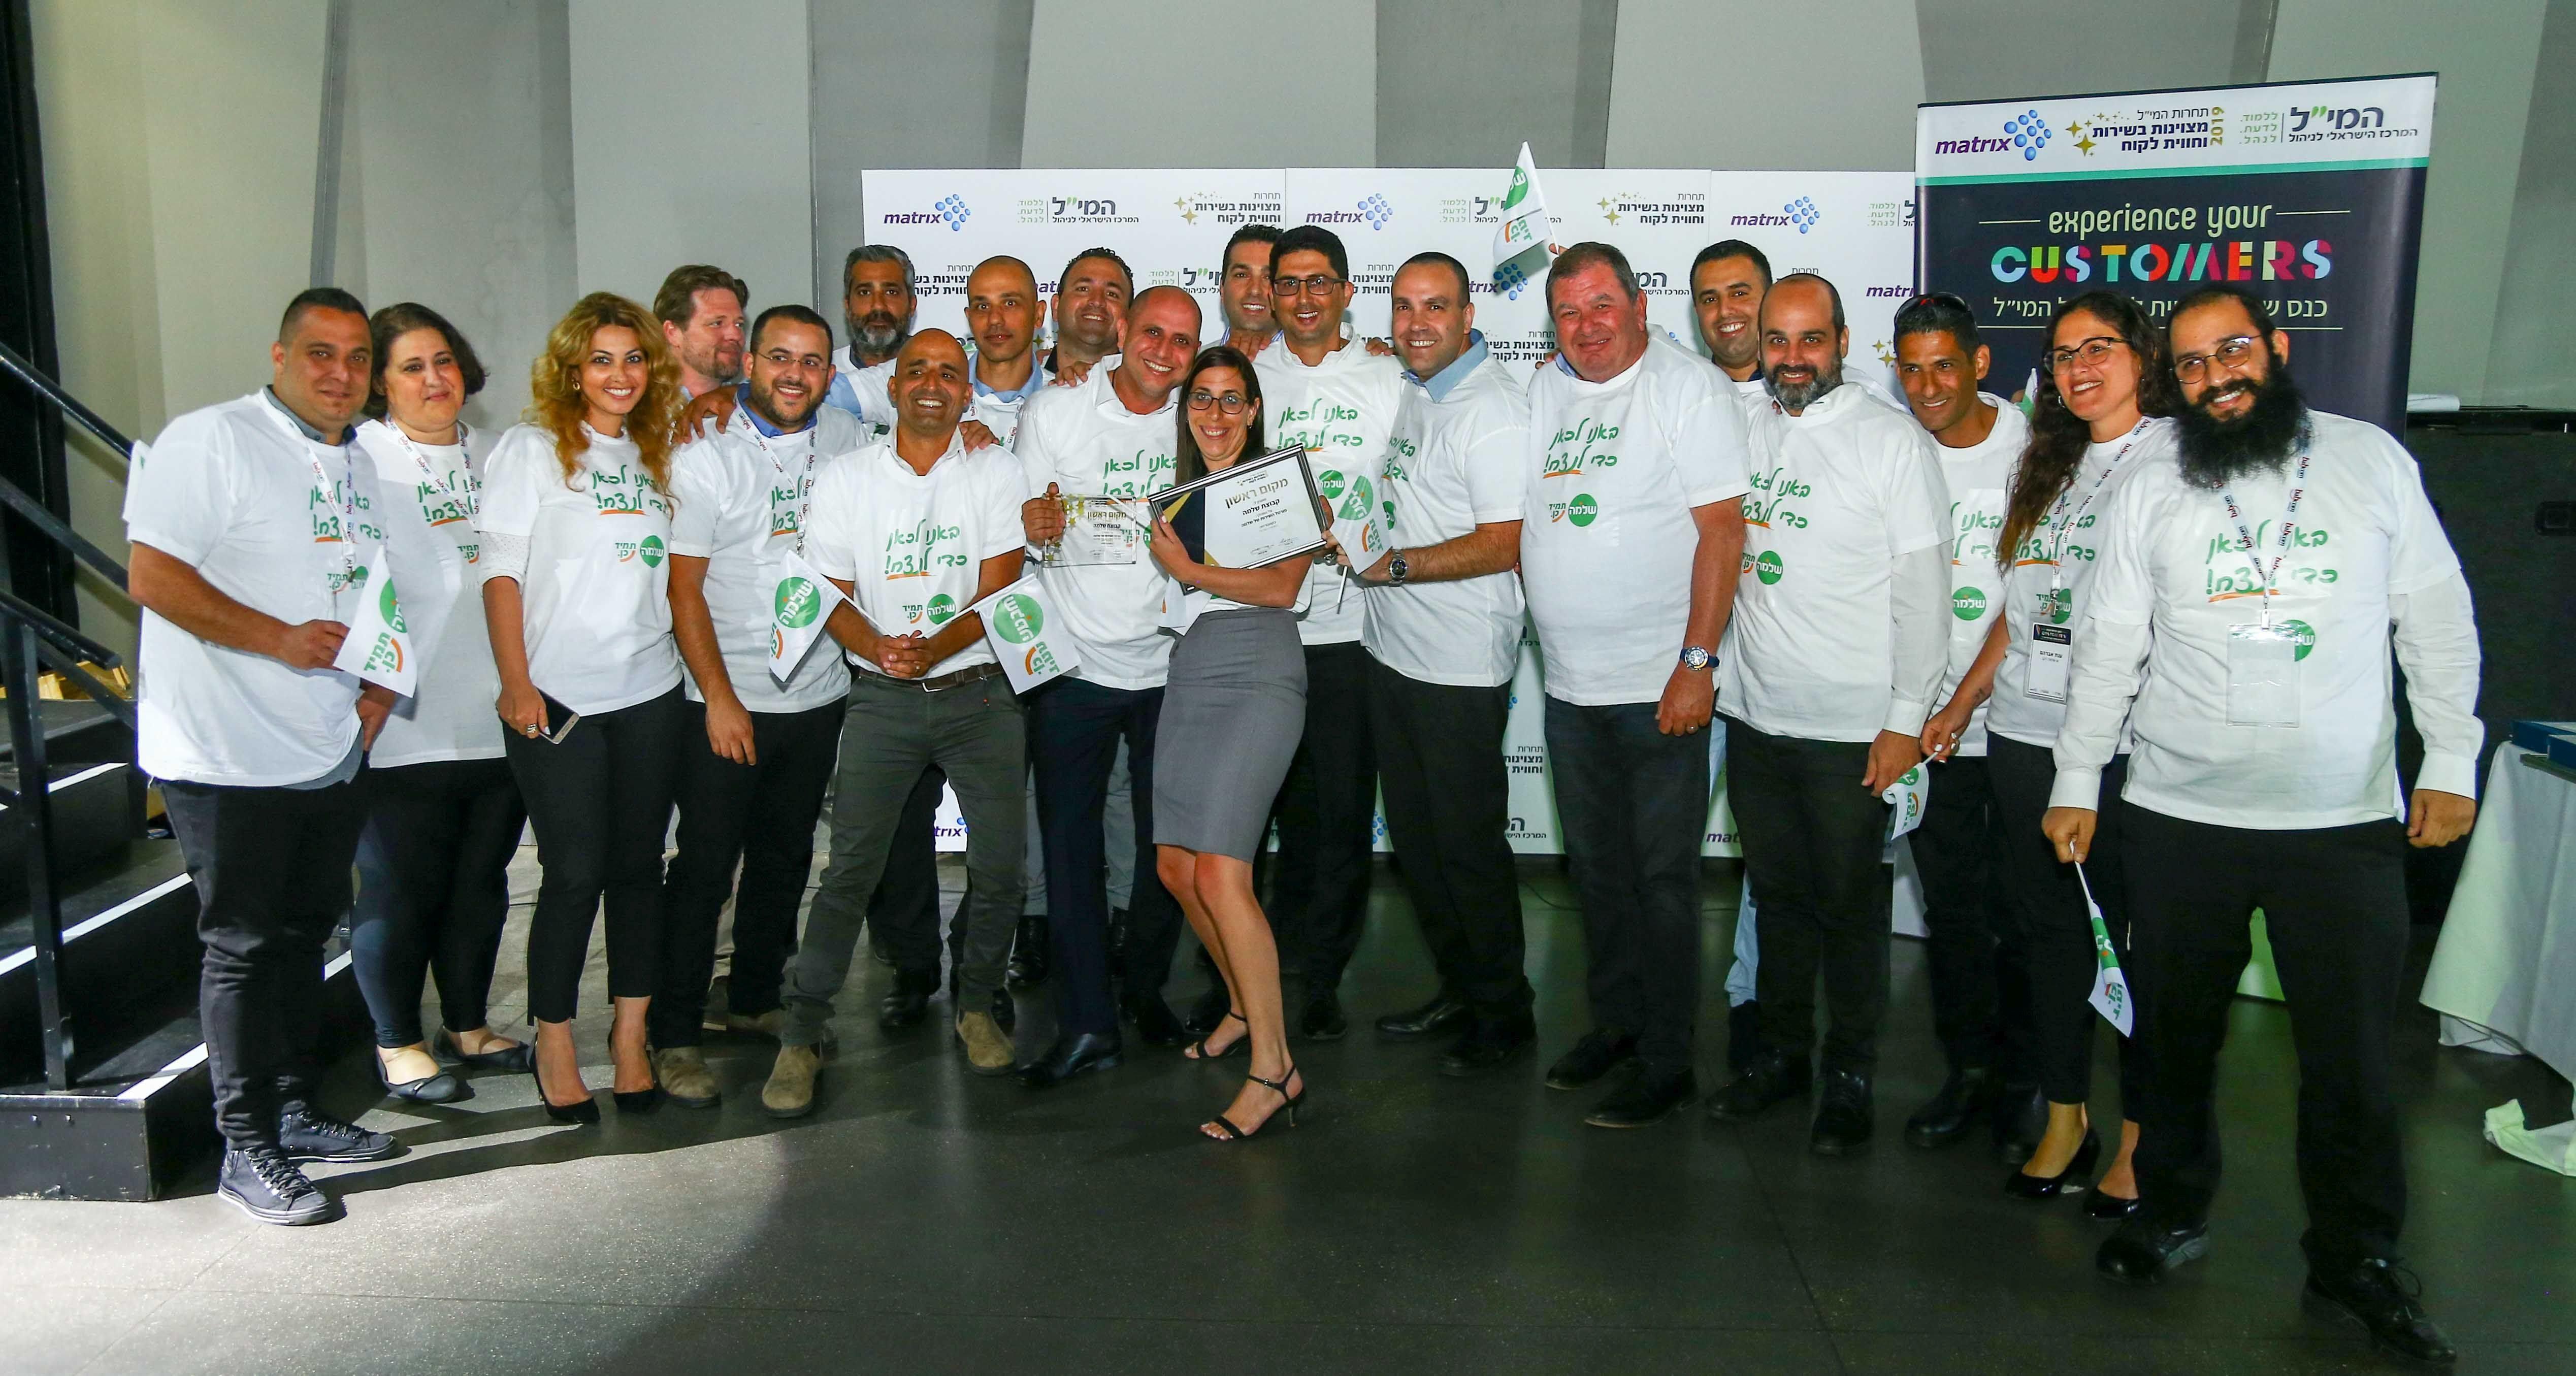 קבוצת שלמה זכתה בפרס המצוינות של המרכז הישראלי לניהול